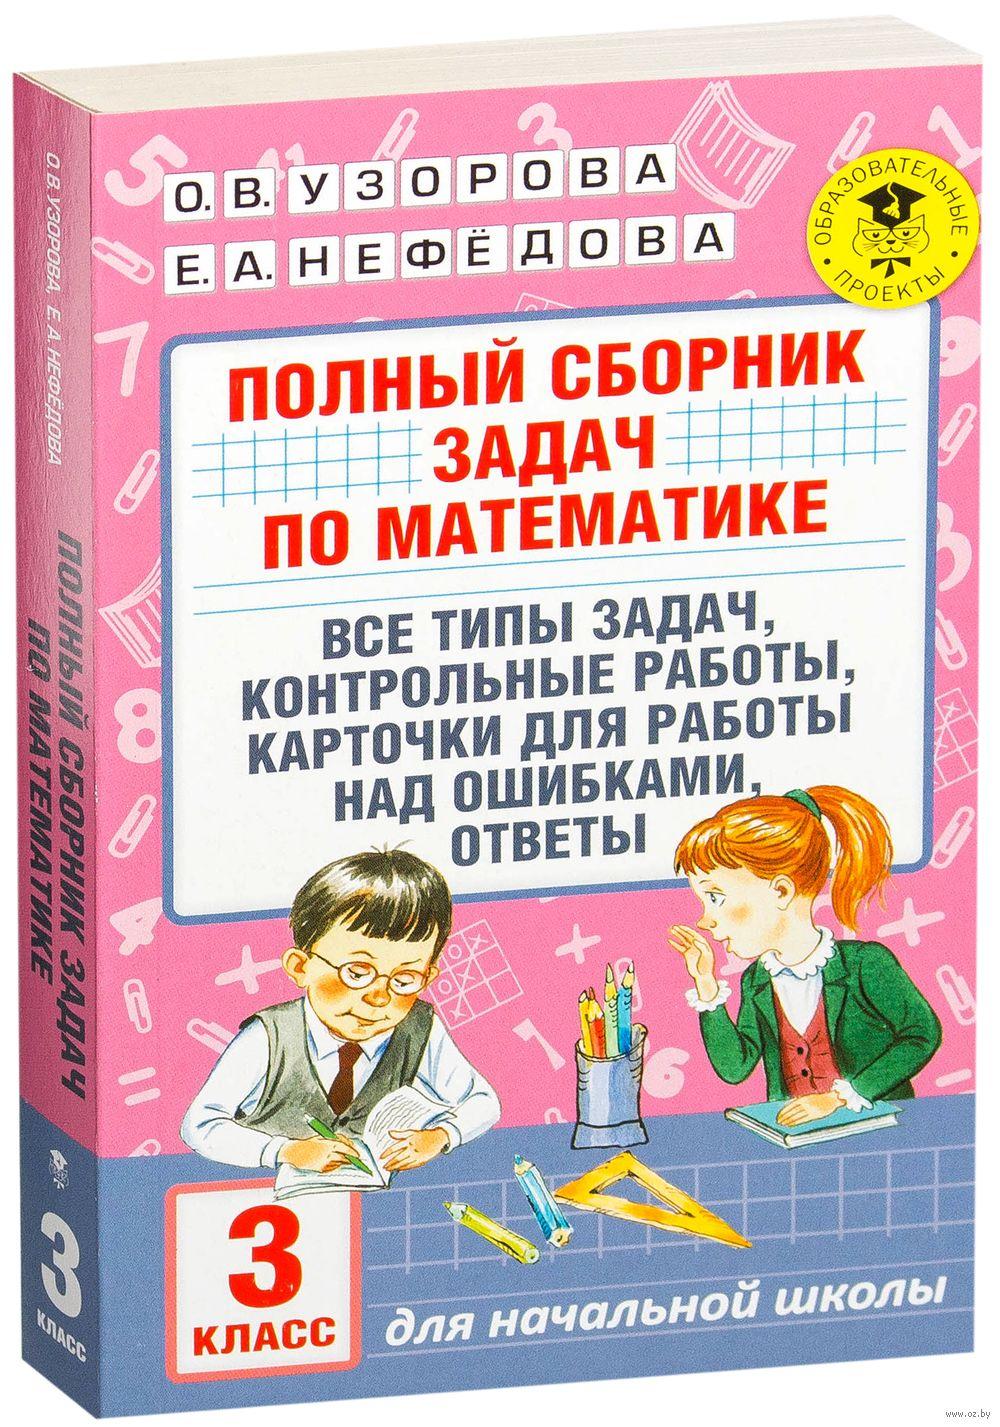 Решебник по математике 3 класс 2000 задач узорова